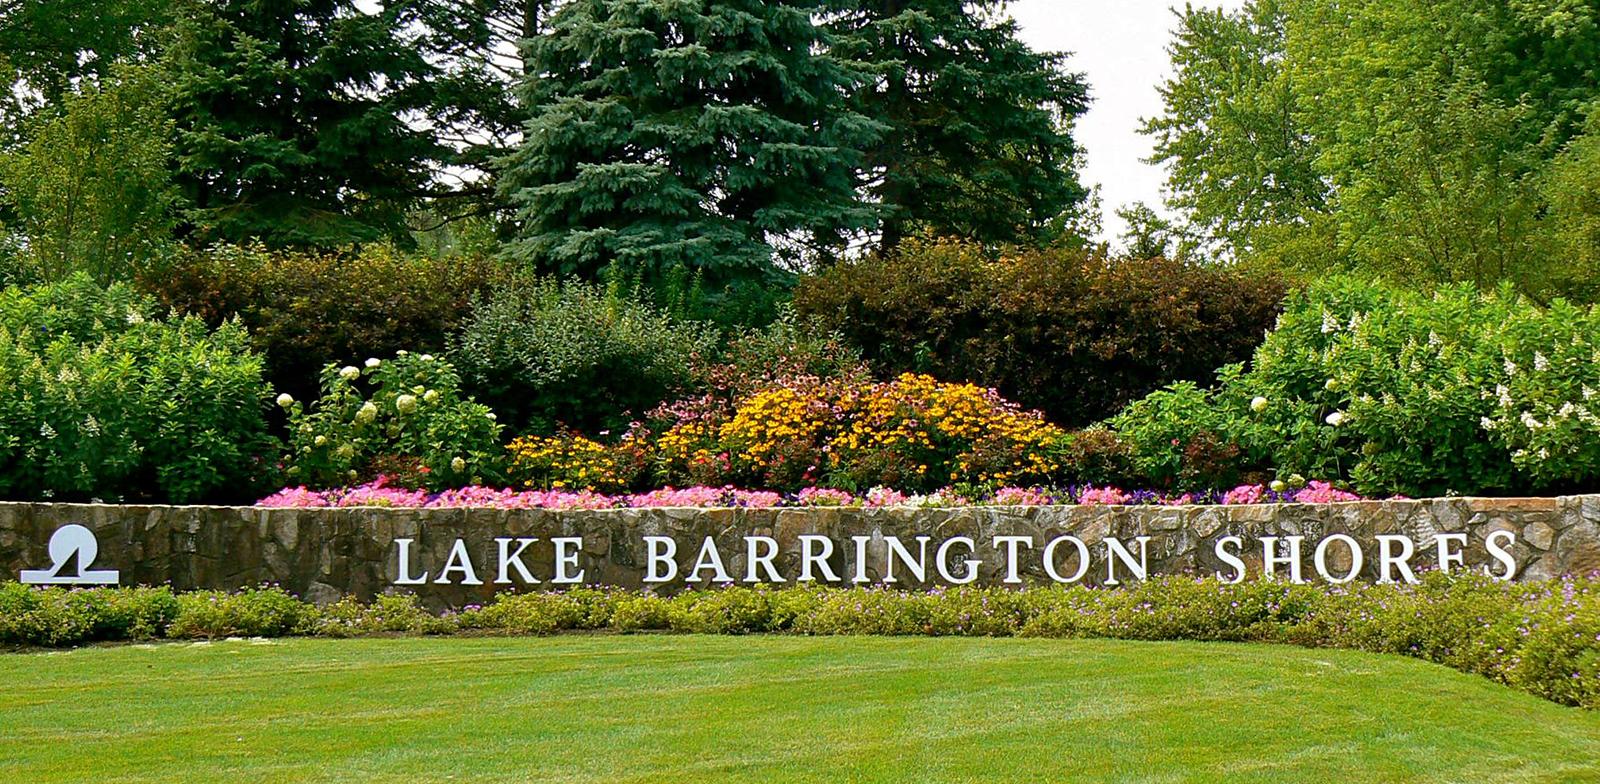 Lake Barrington Shores